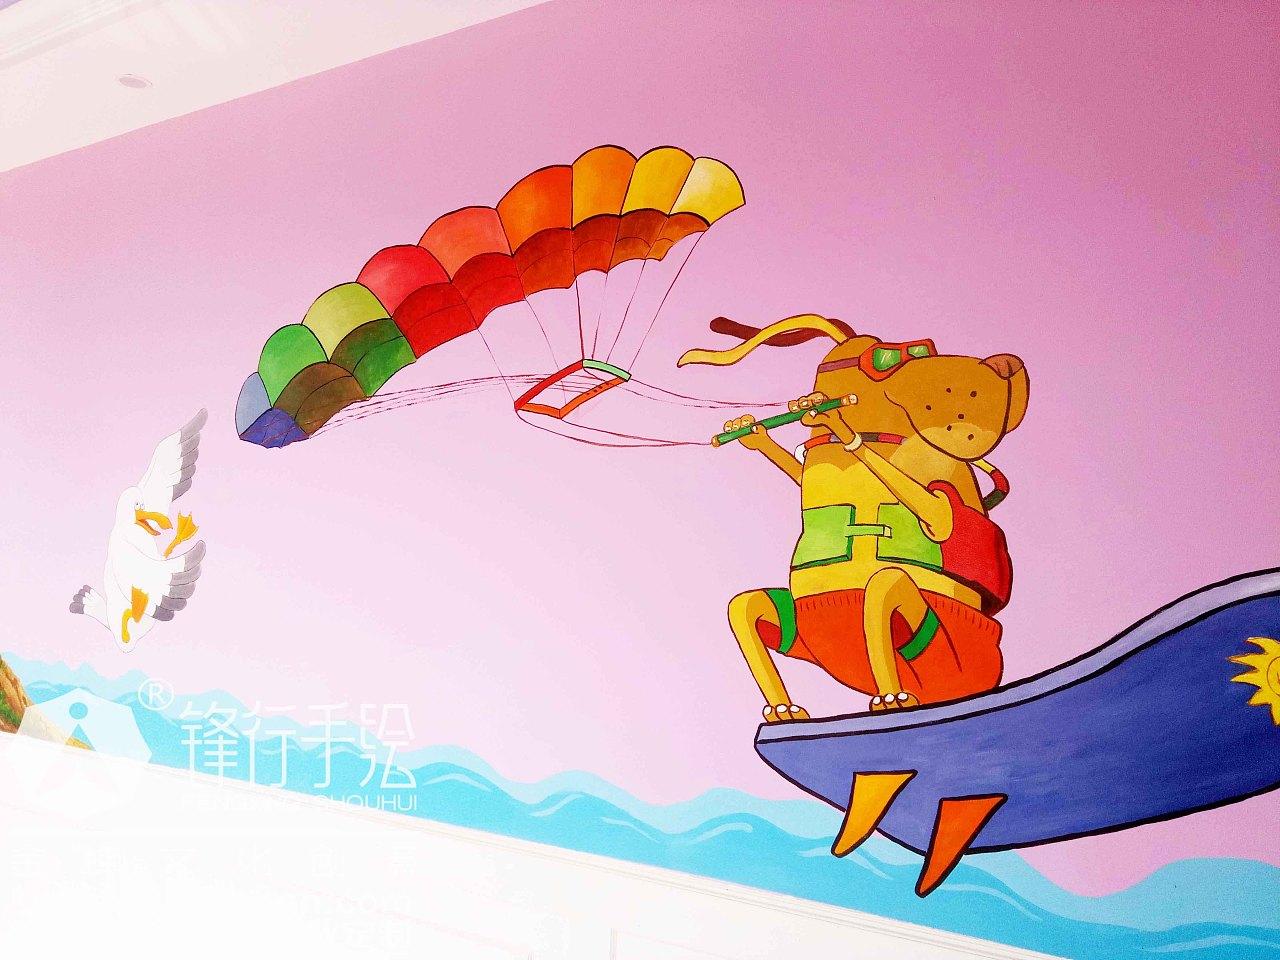 幼儿园主题手绘墙 怀化锋行手绘|其他|墙绘/立体画|锋